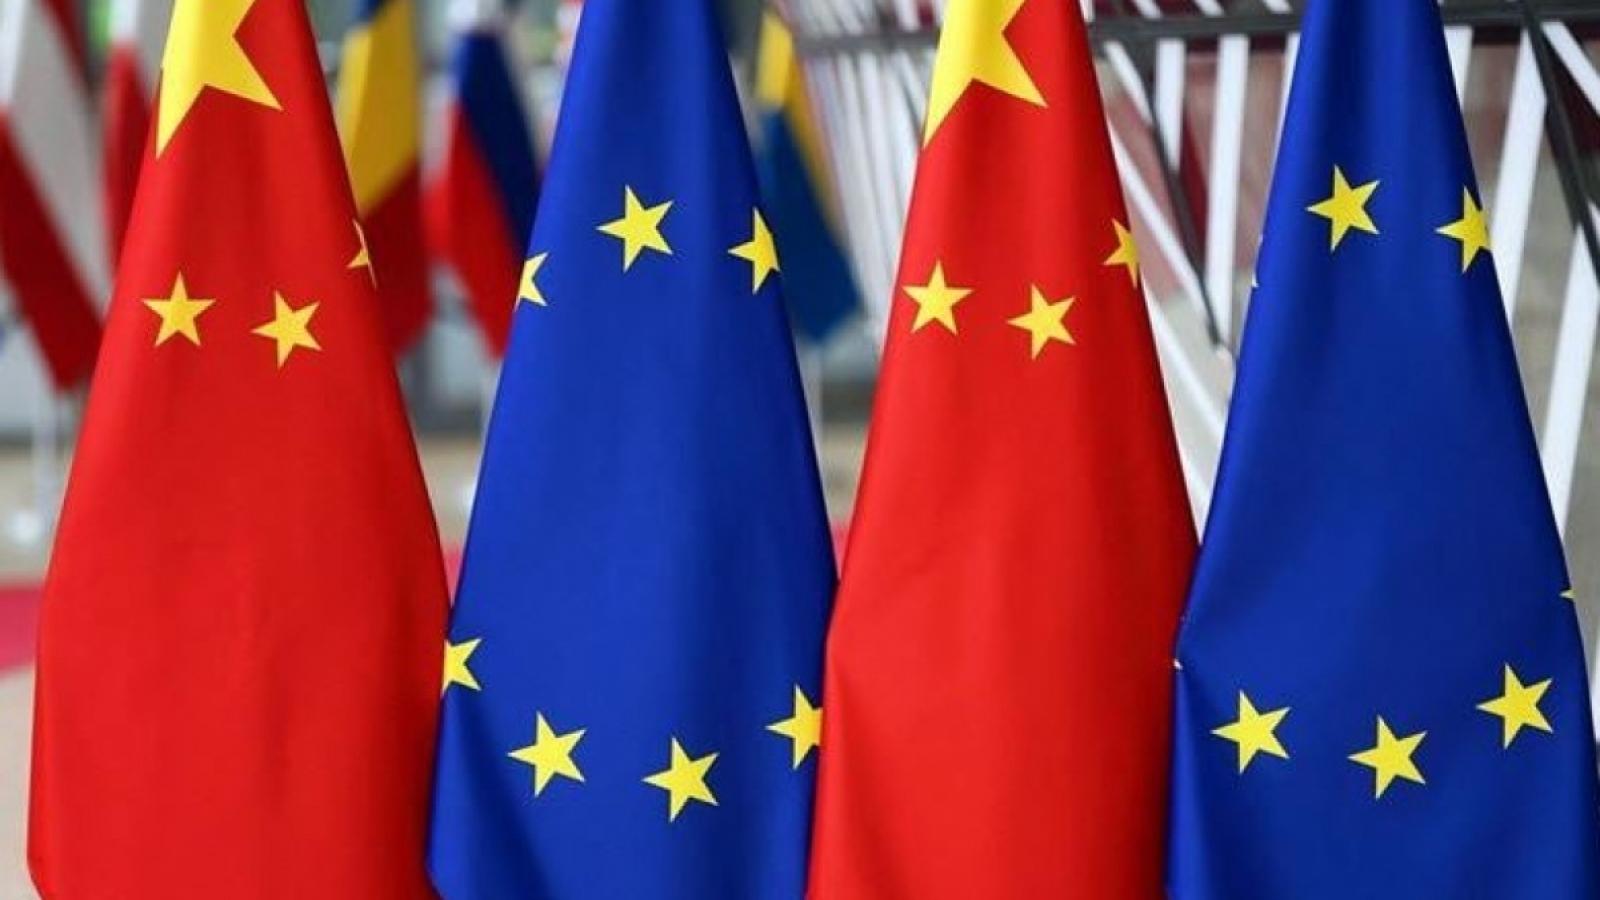 Nguyên thủ Pháp-Trung điện đàm, kêu gọi tái cân bằng quan hệ EU-Trung Quốc